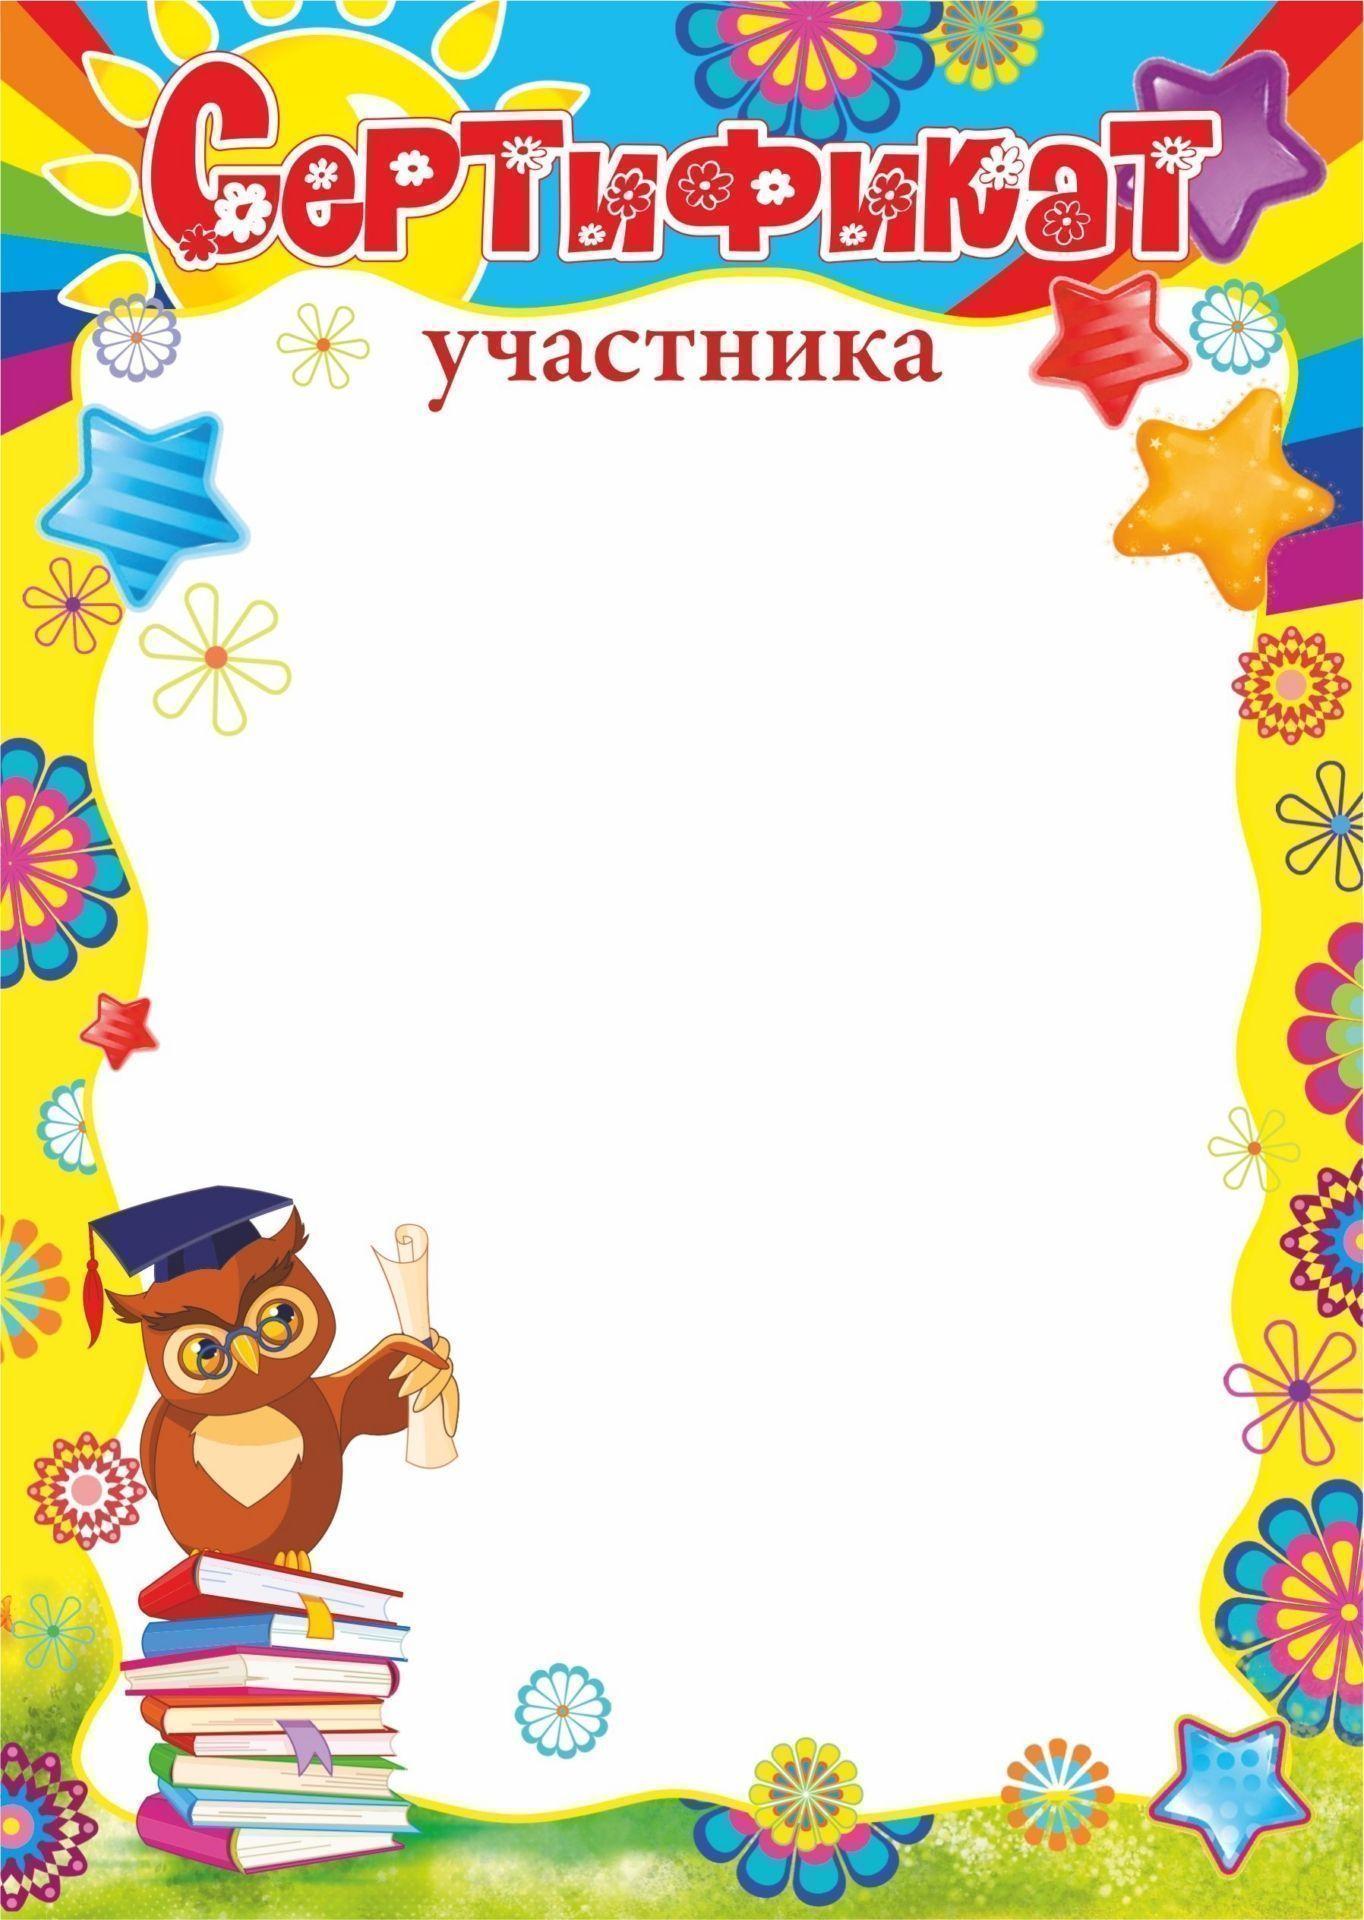 Сертификат участника (детский)Сертификаты<br>Материалы:на обложку - бумага мелованная, пл. 250.00.<br><br>Год: 2017<br>Высота: 210<br>Ширина: 148